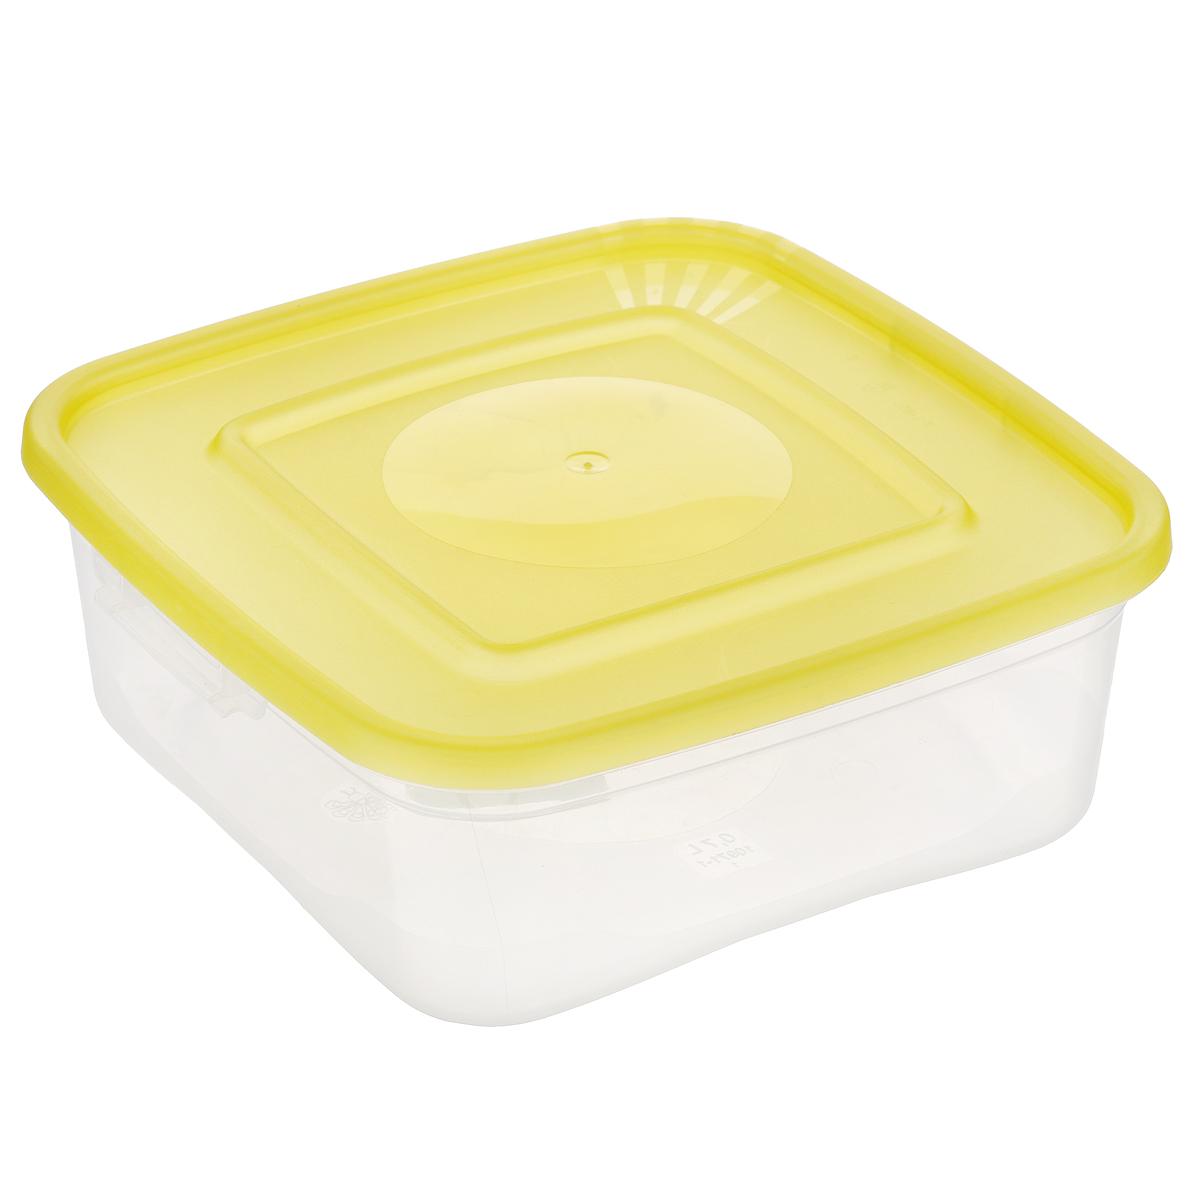 Контейнер для СВЧ Полимербыт Каскад, цвет: желтый, прозрачный, 700 млС640_желтыйКонтейнер для СВЧ Полимербыт Каскад изготовлен из высококачественного прочного пластика, устойчивого к высоким температурам (до +110°С). Стенки контейнера прозрачные, что позволяет видеть содержимое. Цветная полупрозрачная крышка плотно закрывается. Контейнер идеально подходит для хранения пищи, его удобно брать с собой на работу, учебу, пикник или просто использовать для хранения пищи в холодильнике.Можно использовать в микроволновой печи и для заморозки в морозильной камере. Можно мыть в посудомоечной машине.